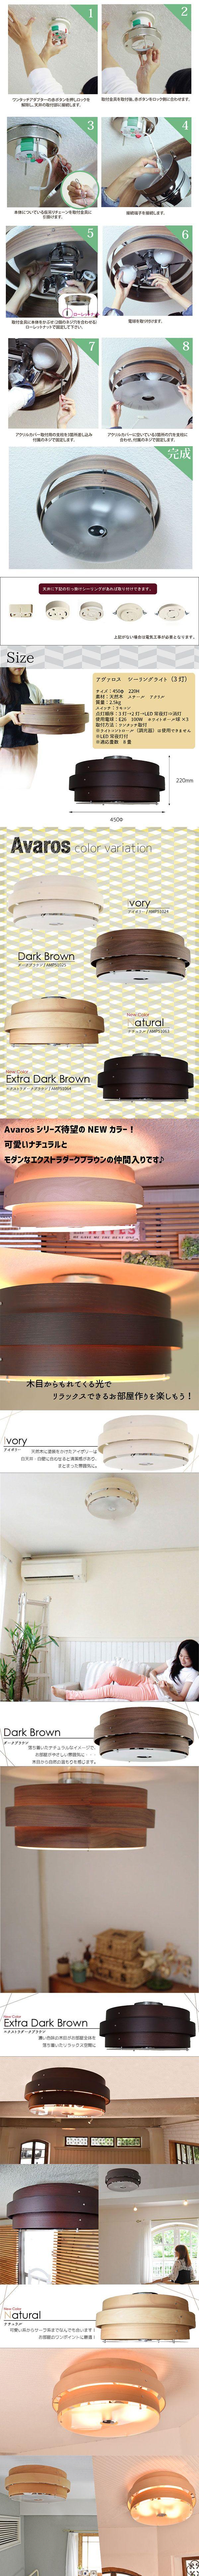 天井照明 3灯。【照明 シーリングライト おしゃれ】Avaros アヴァロス IV/DB/NA/EXDB シーリングライトおしゃれ 天井 天井照明 3灯 ライト リビング ダイニング 寝室 明るい 6畳 8畳 リモコン インテリア LED 北欧 ナチュラル 子ども部屋